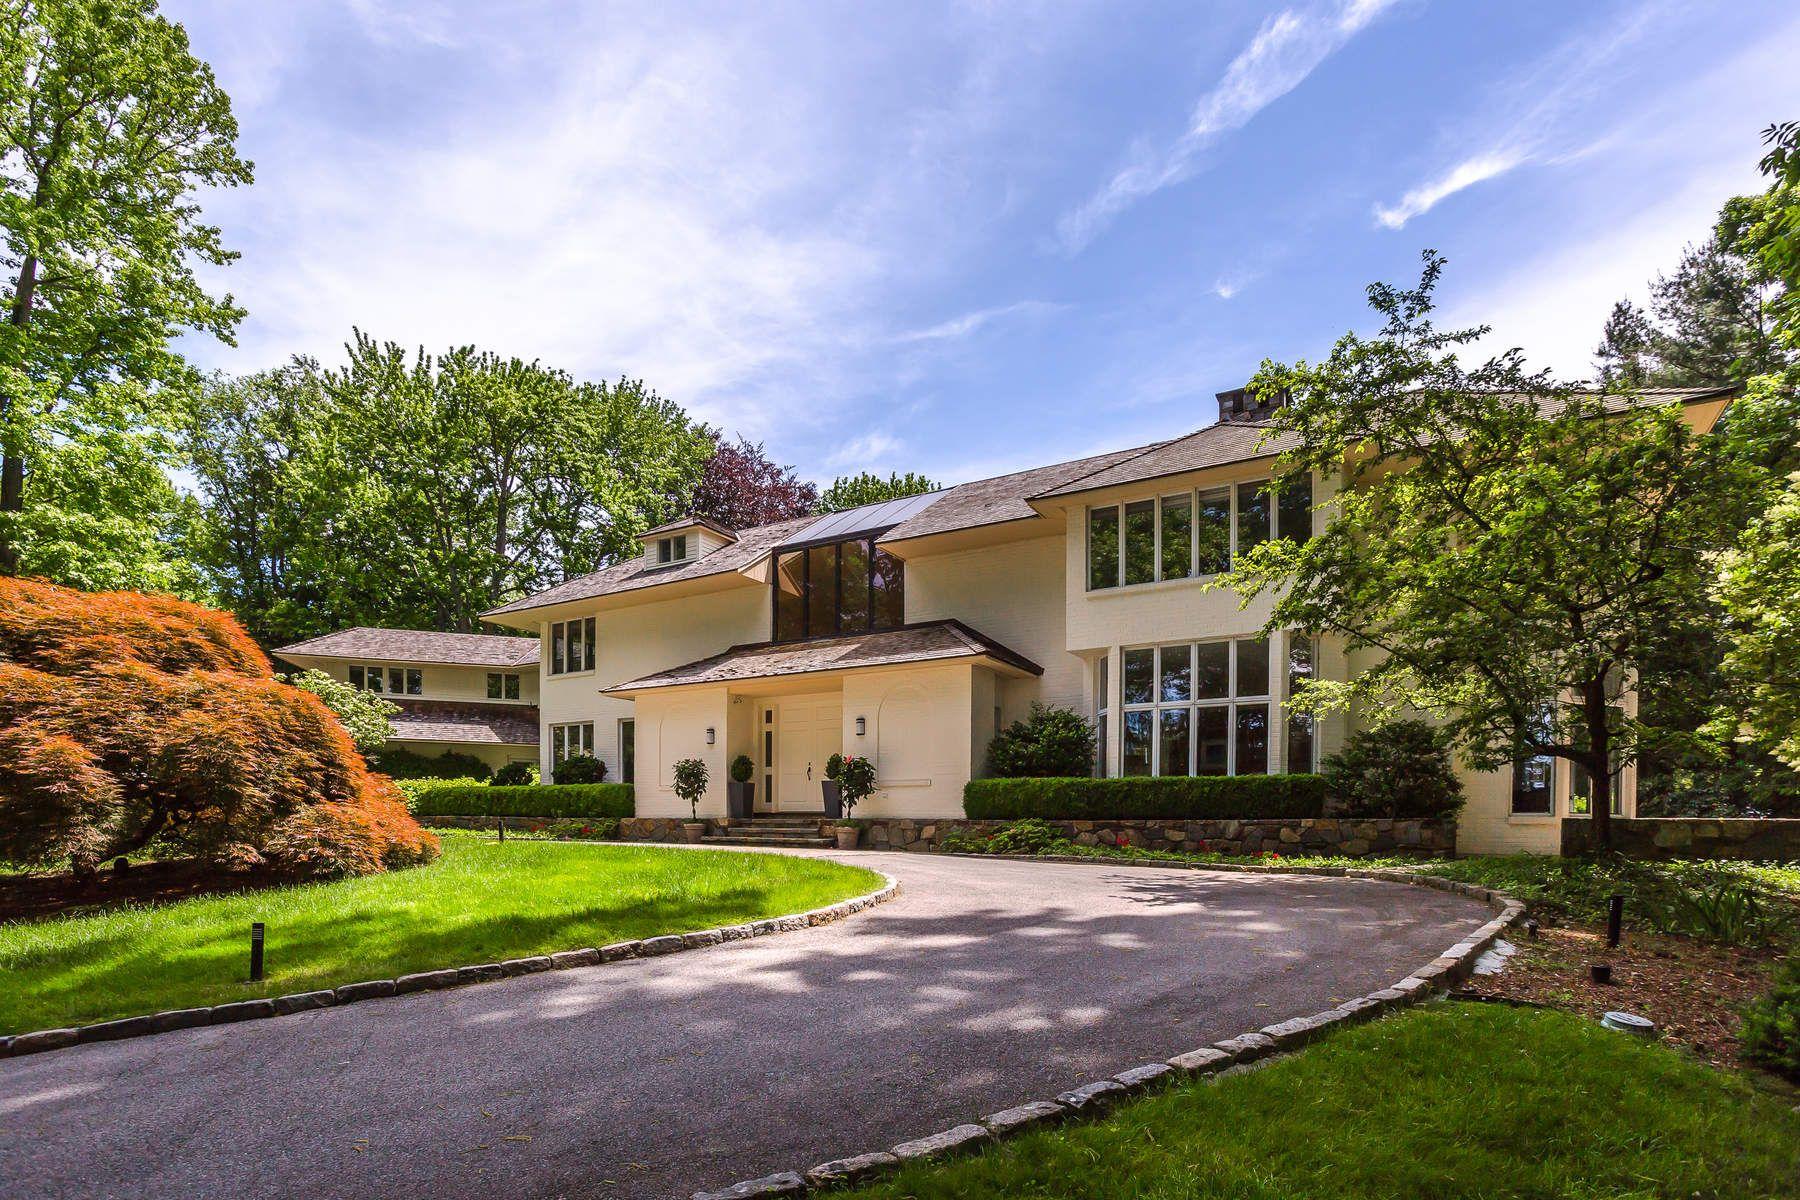 Casa Unifamiliar por un Venta en 21 Windrose Way 21 Windrose Way Greenwich, Connecticut 06830 Estados Unidos